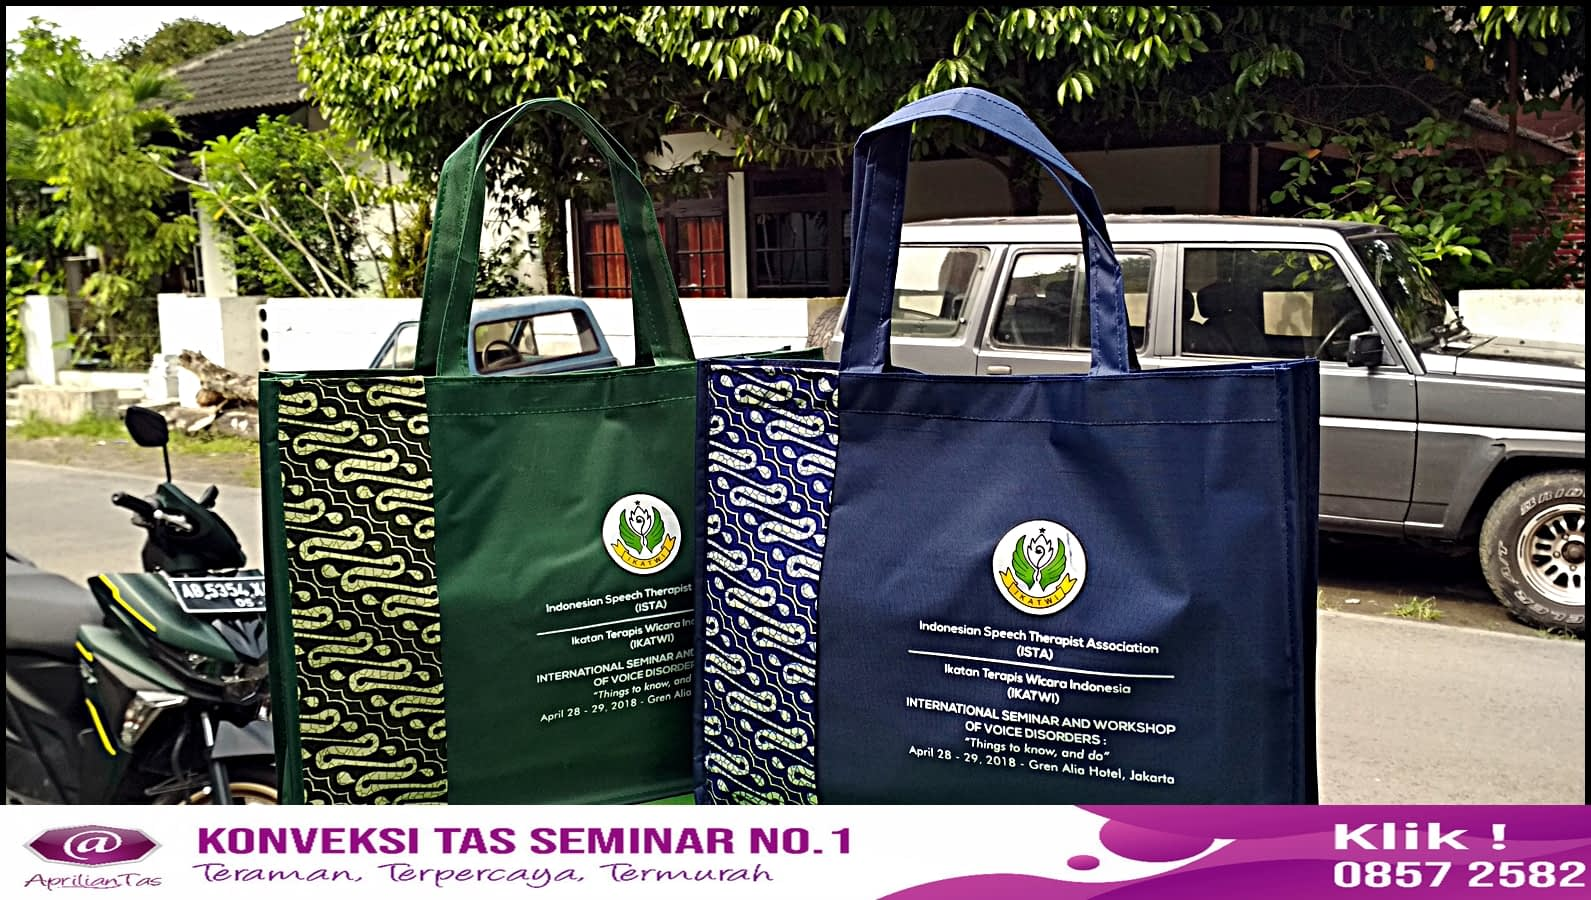 Order Seminar Kit Murah di Produsen Tas Seminar Bandung Terbaik konveksi tas tangerang,konveksi tas wanita,